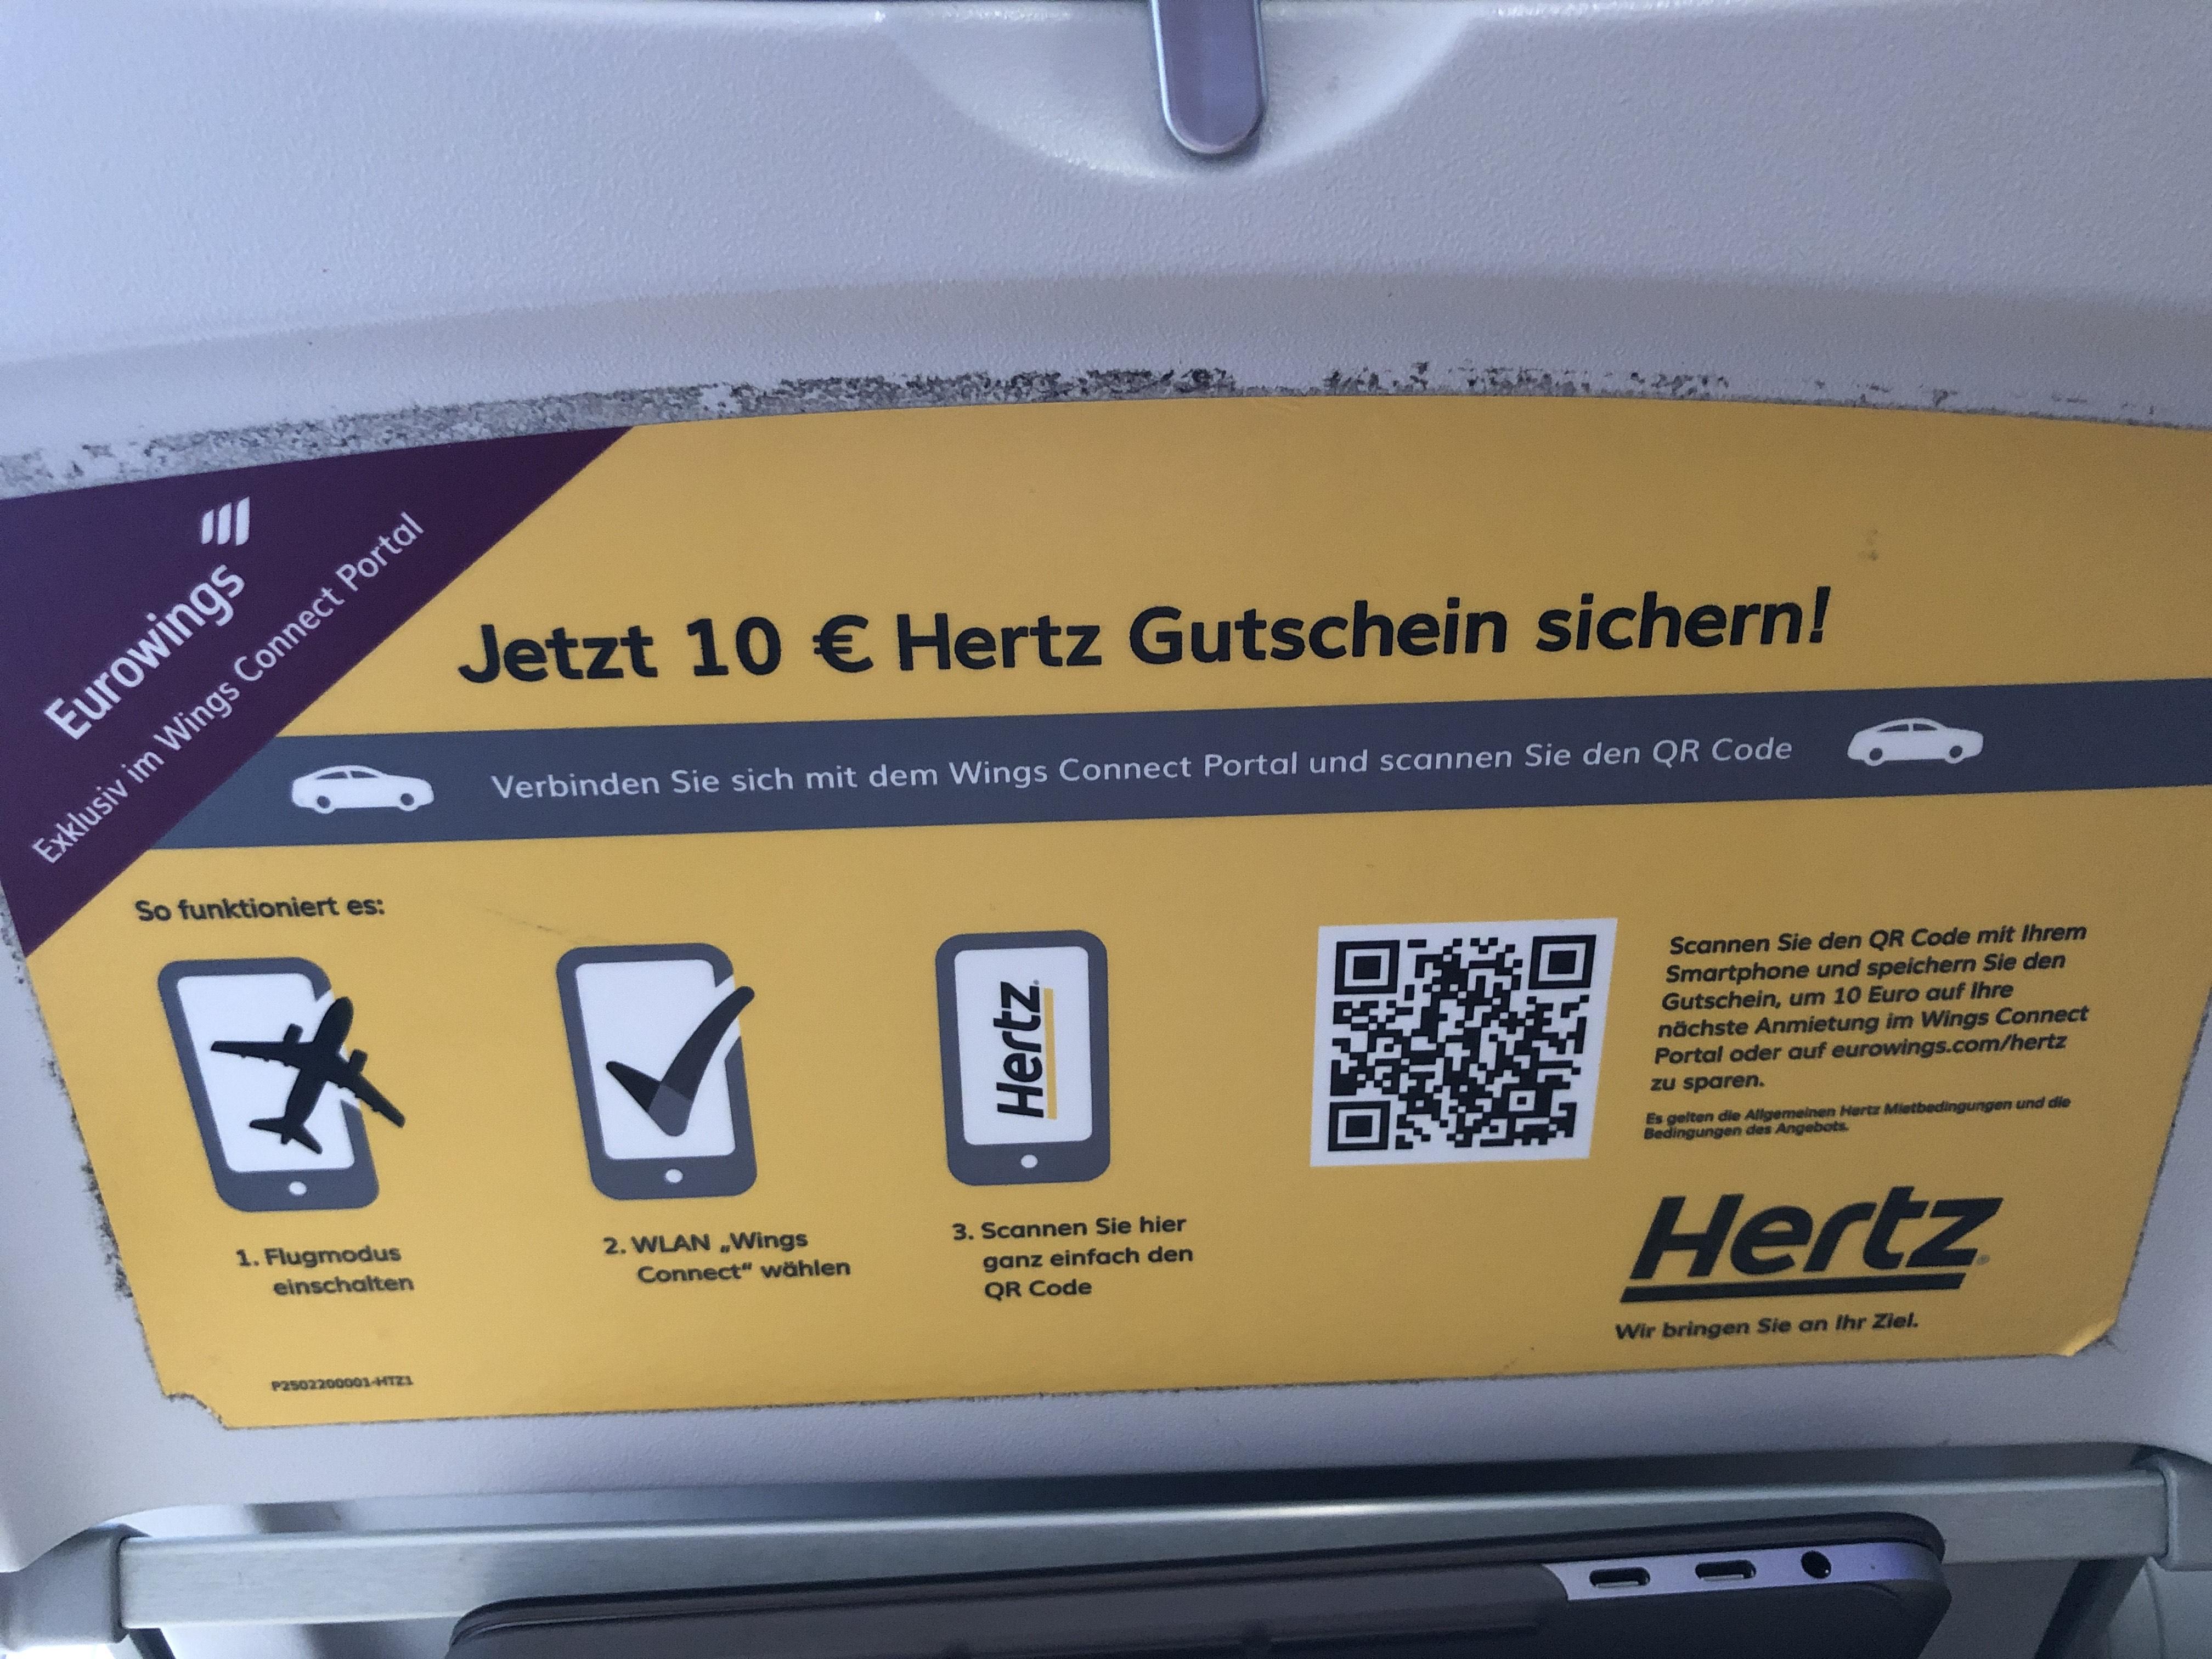 10€ Rabatt bei Hertz für Privatkunden